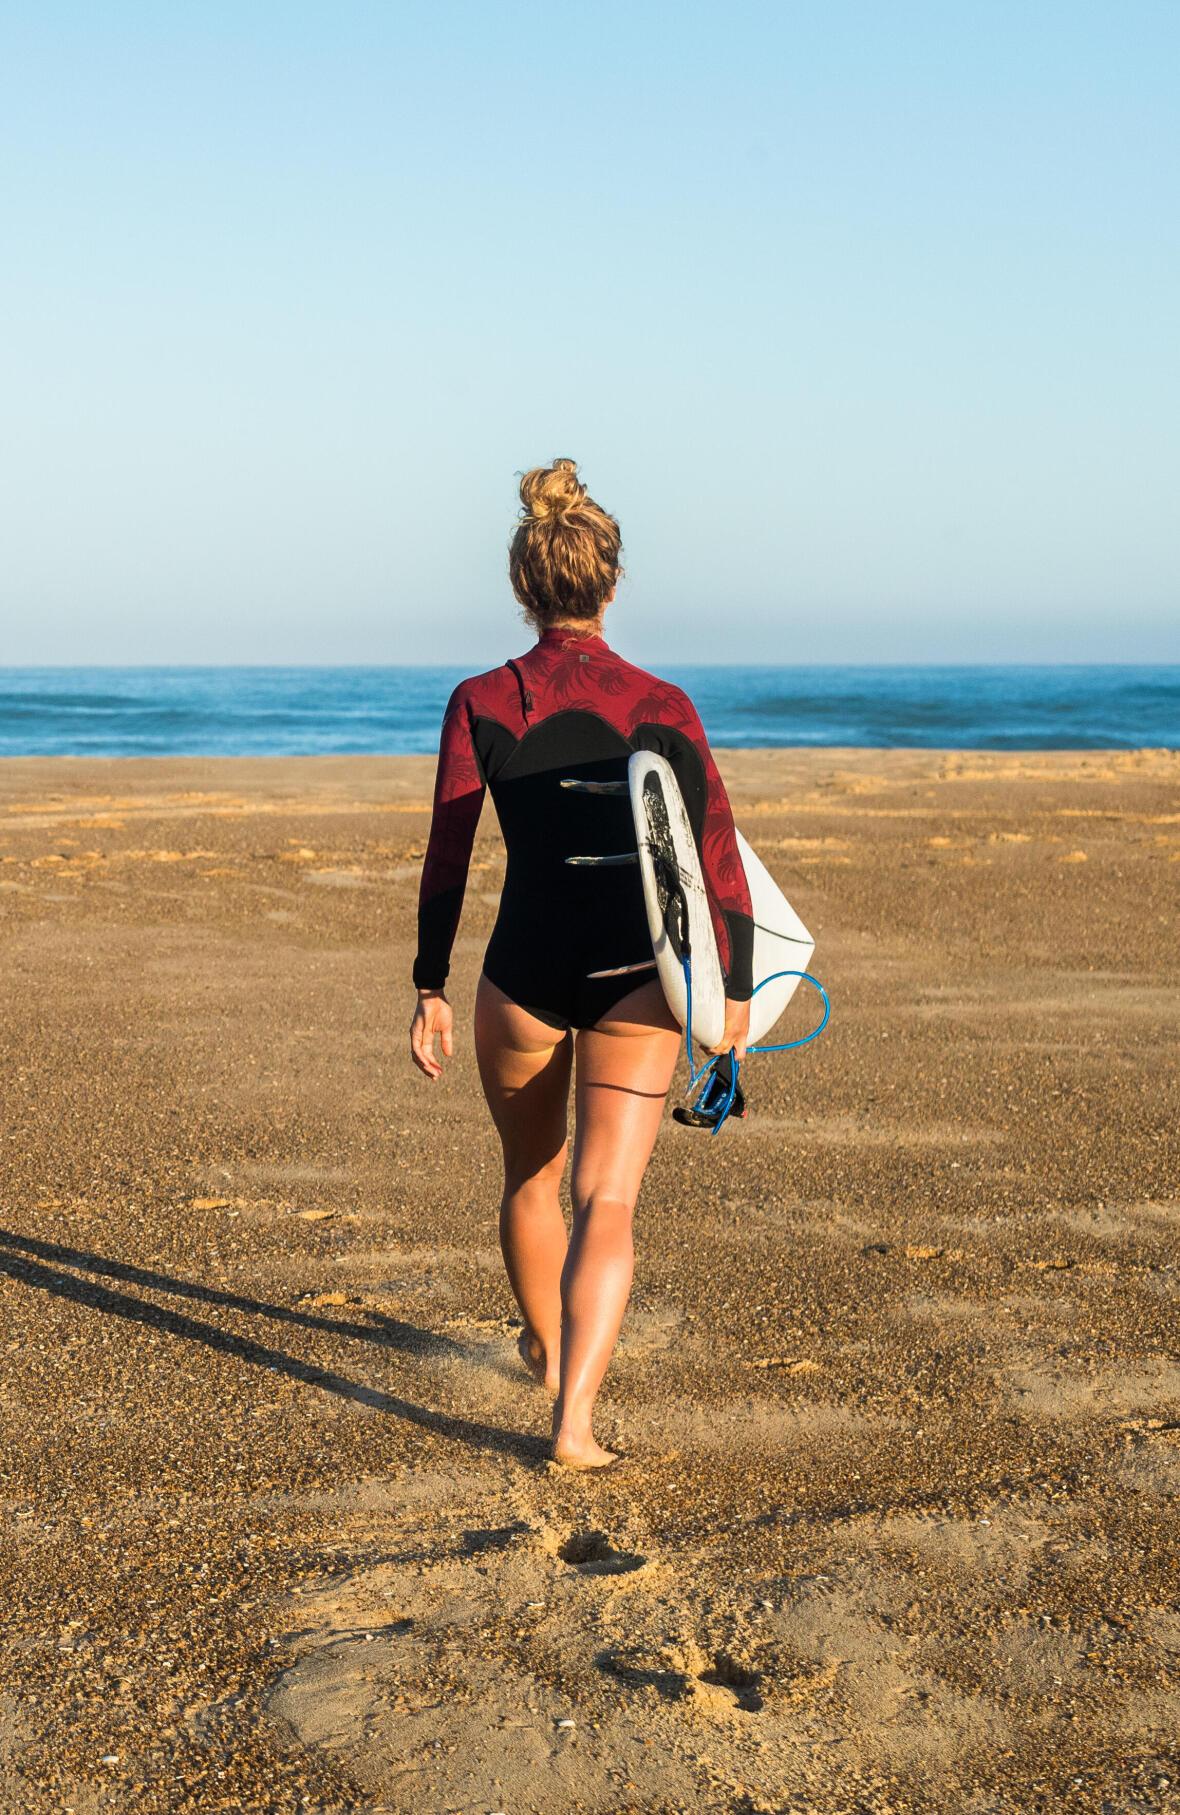 Comment choisir un top UV pour surfer ?